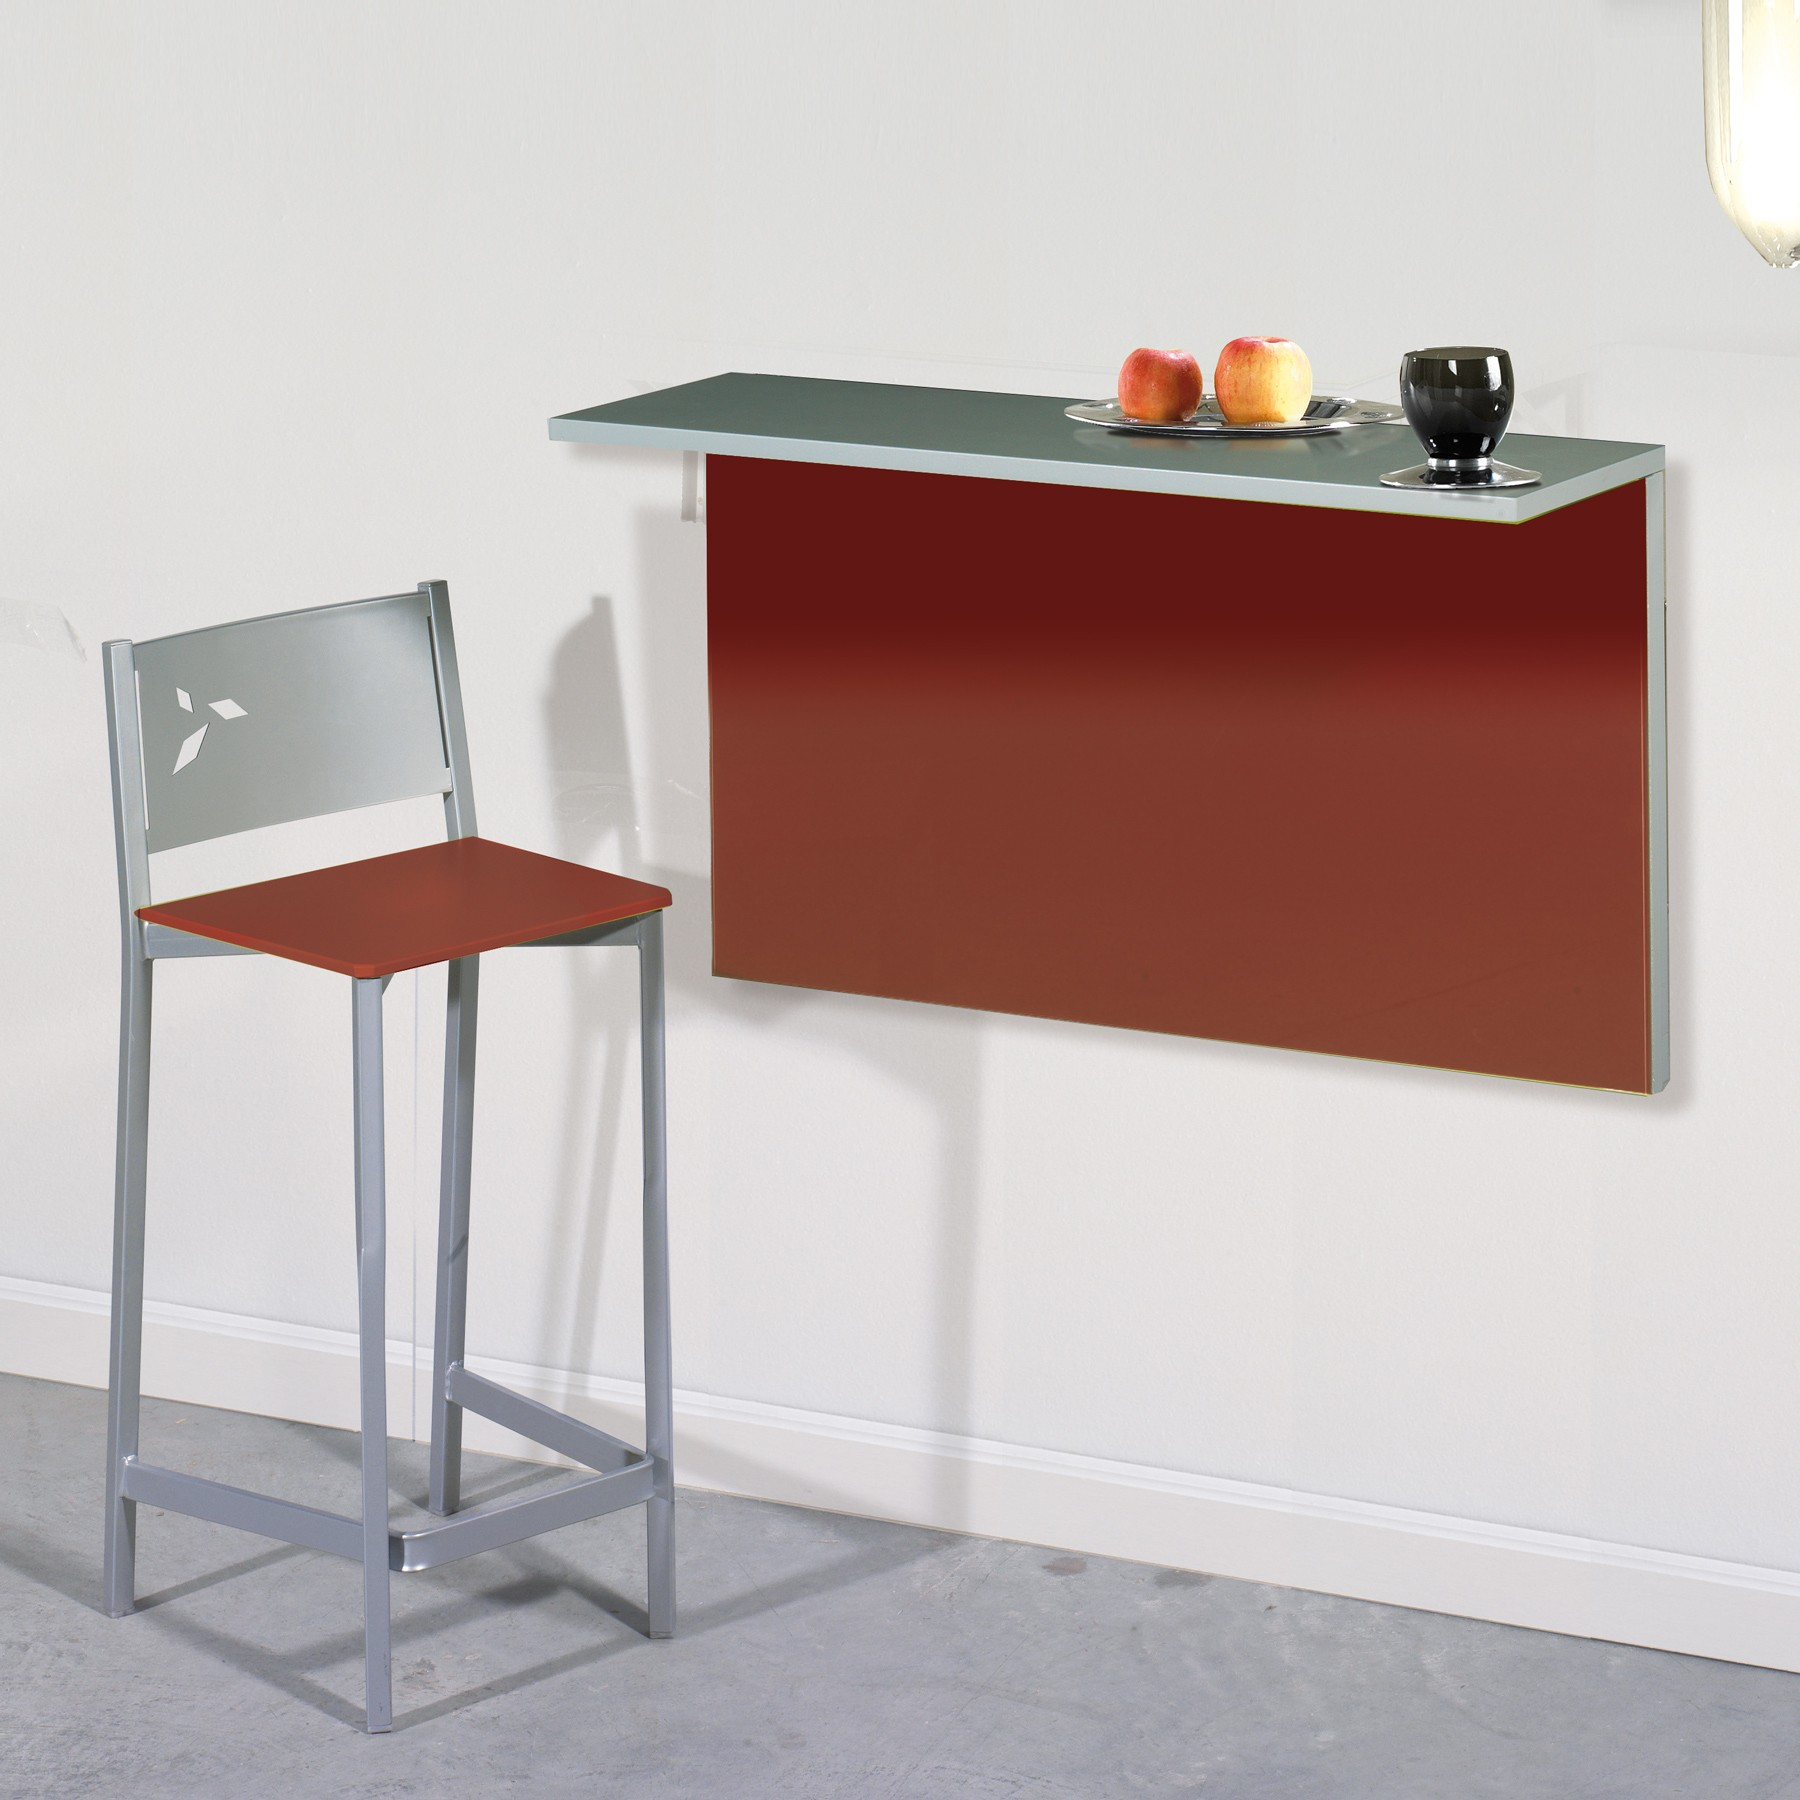 Muebles para cocinas - Dekogar - Muebles y decoración online